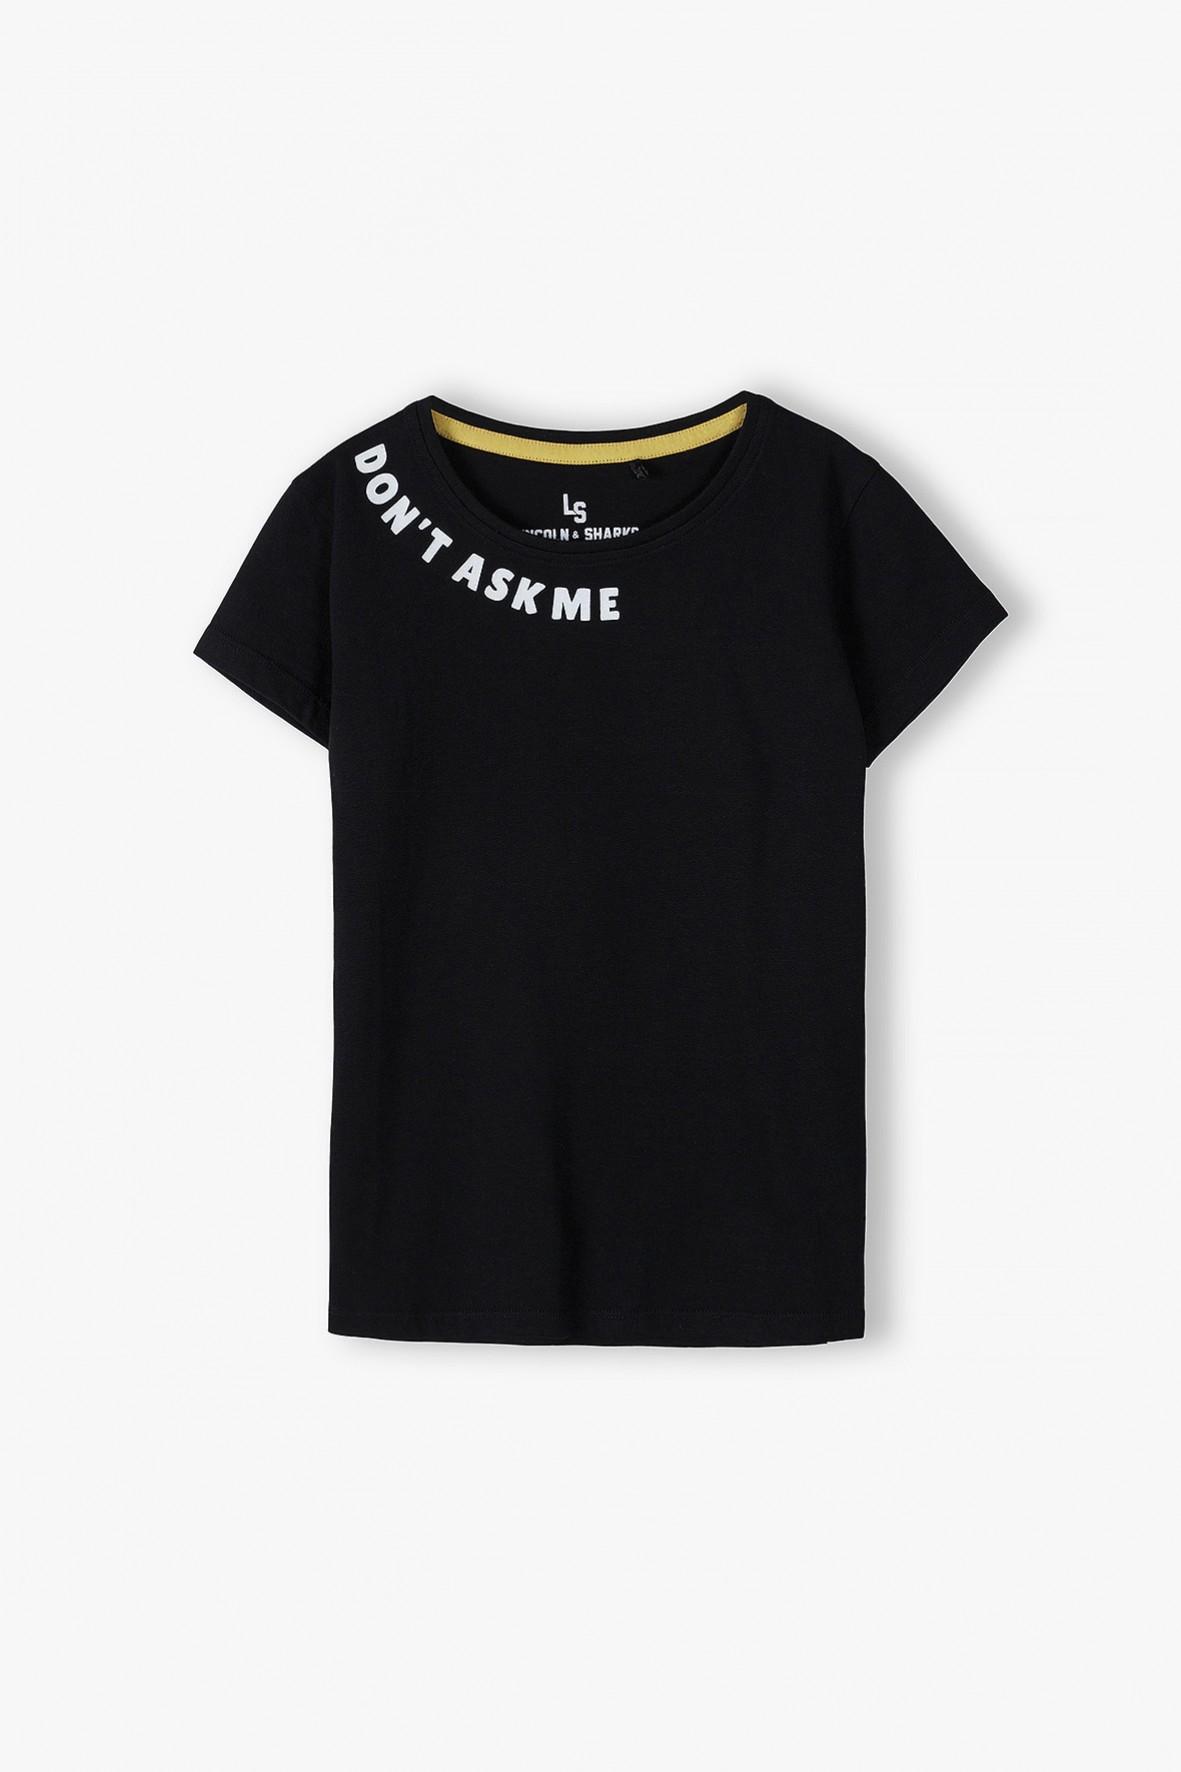 Bawełniany T- shirt dziewczęcy z napisem Don't ask me - czarny